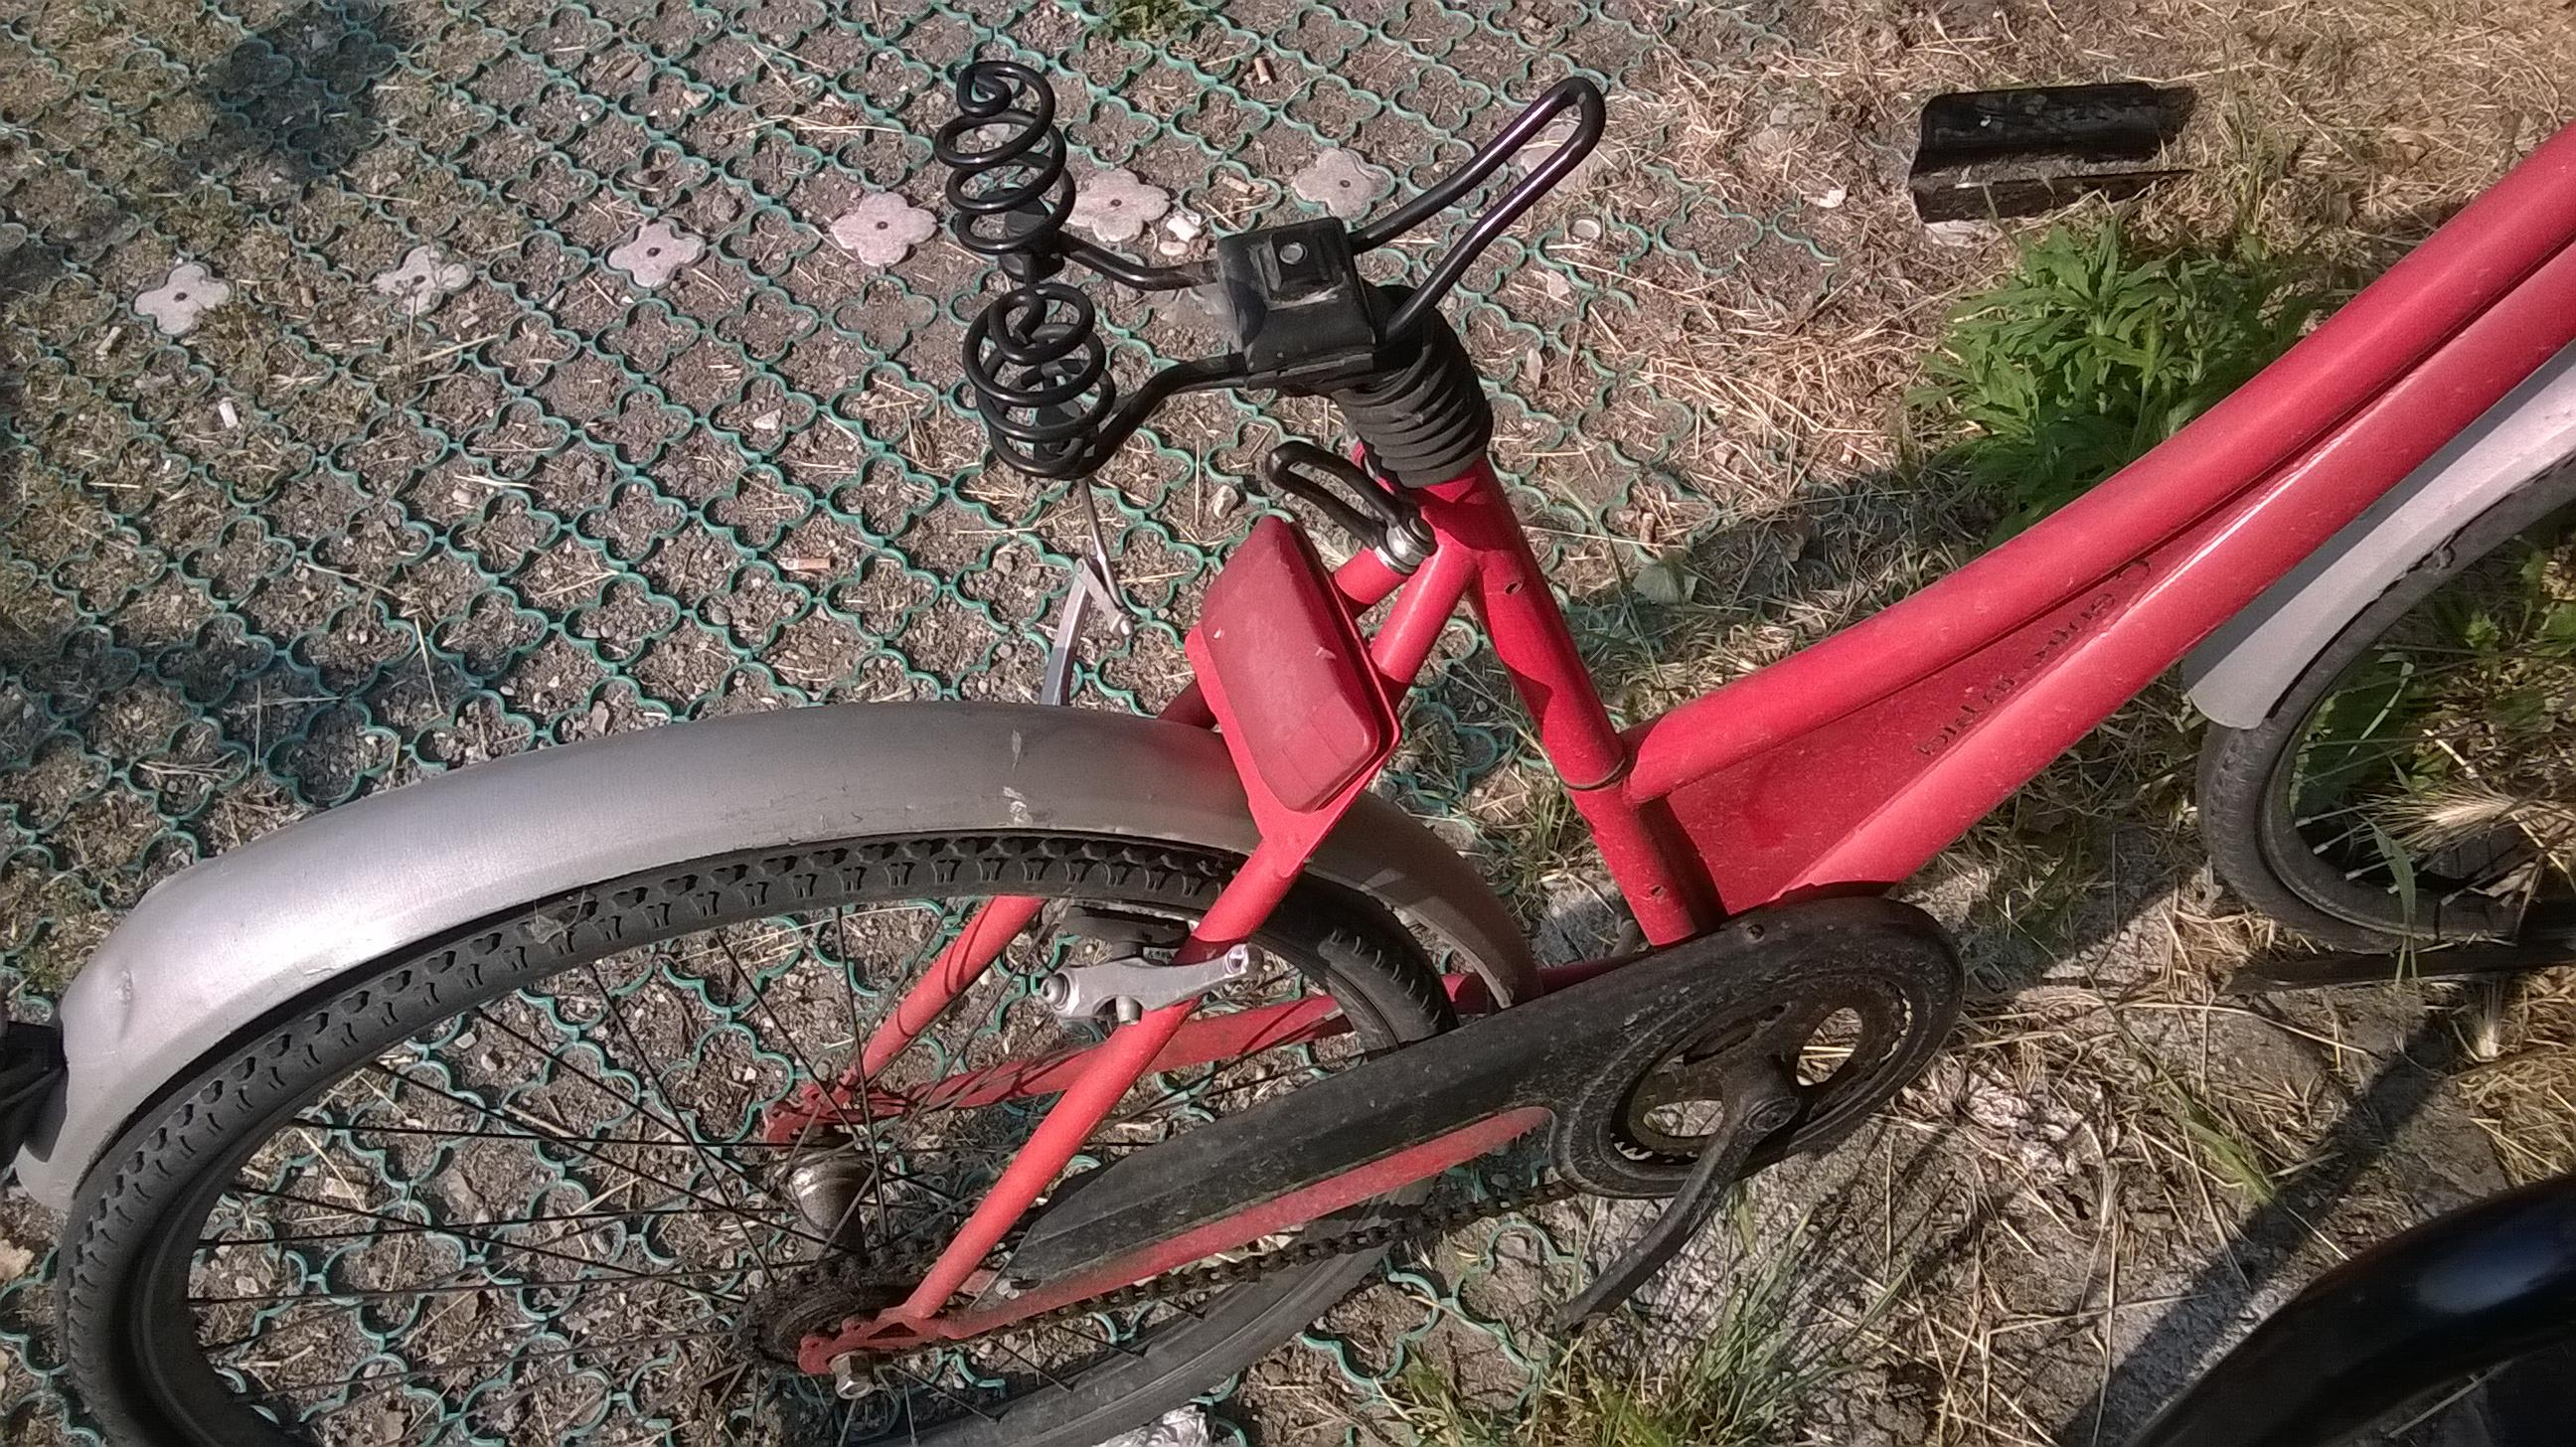 Nel dettaglio, sellino e pedali mancanti